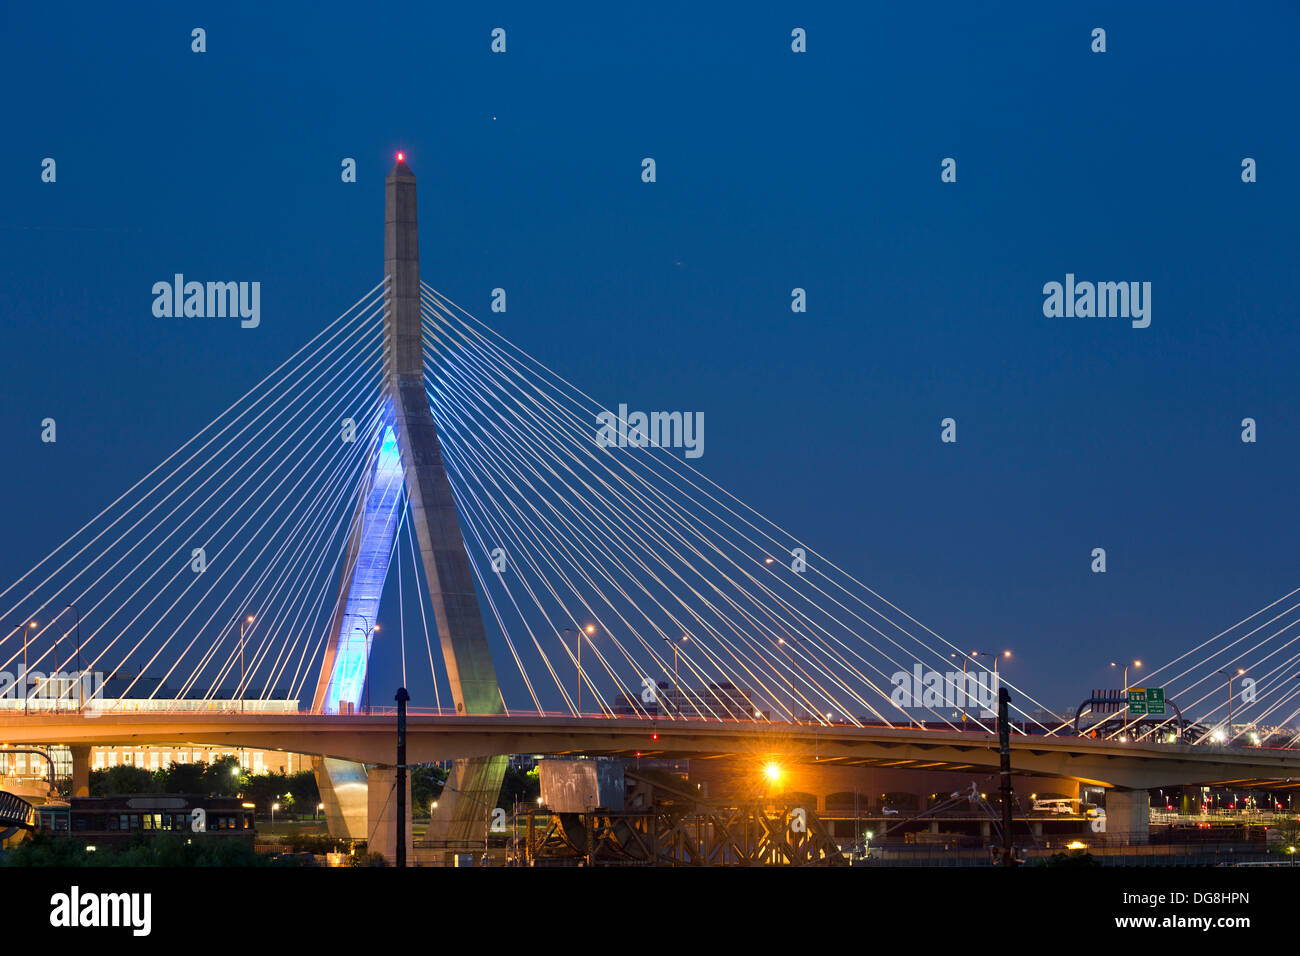 Leonard P. Zakim Bunker Hill/Zakim Memorial Bridge (Puente), Boston, Massachusetts, EE.UU. Foto de stock